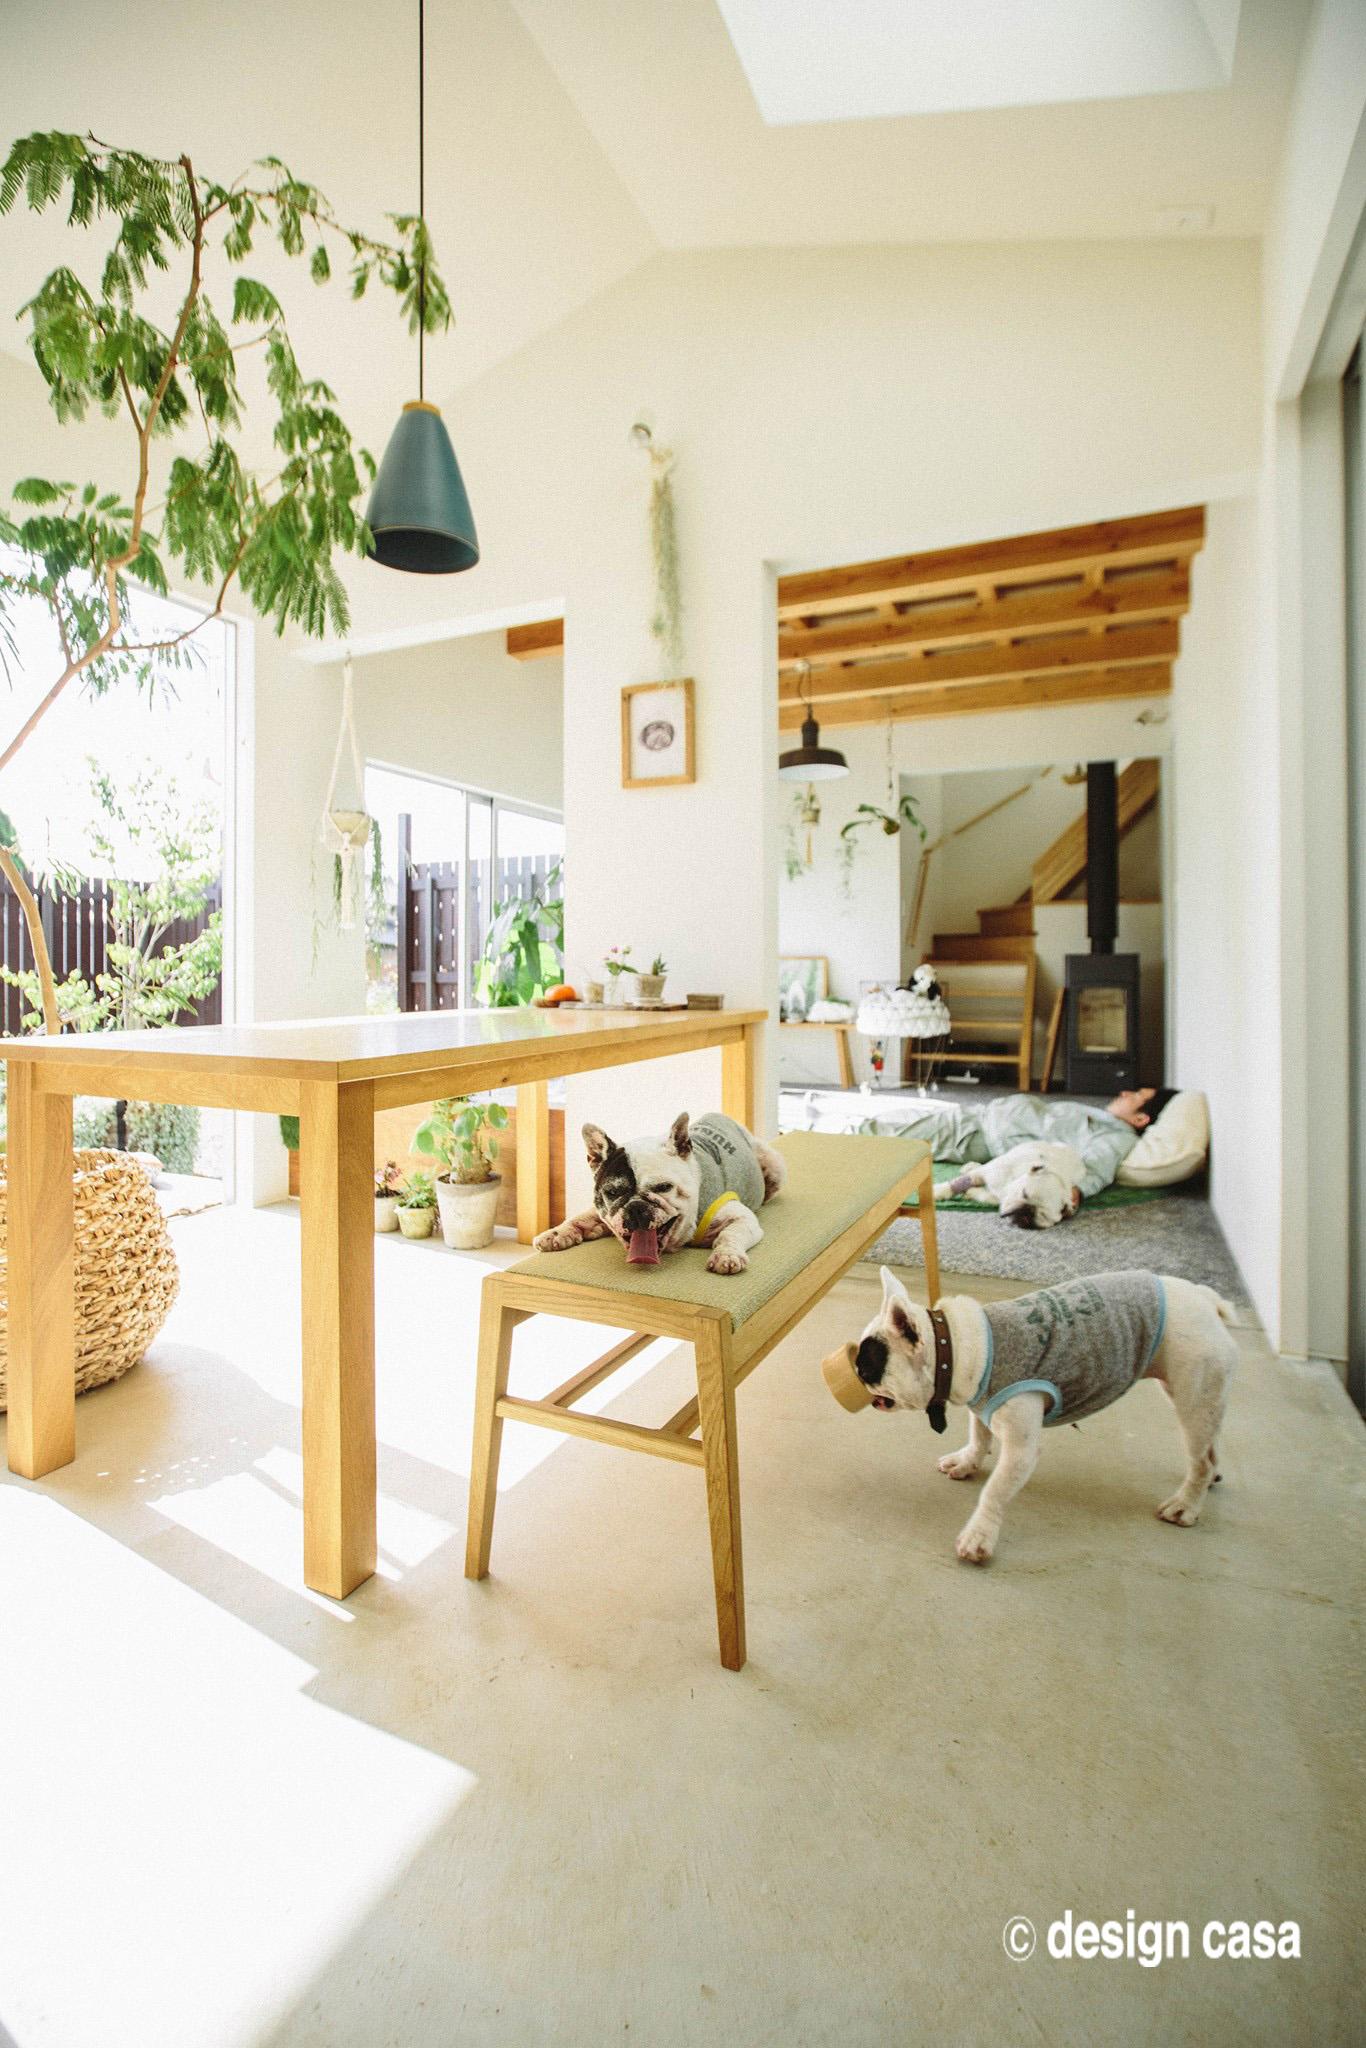 平屋風のガレージハウスの内観、ペットと暮らしを愉しめる間取り